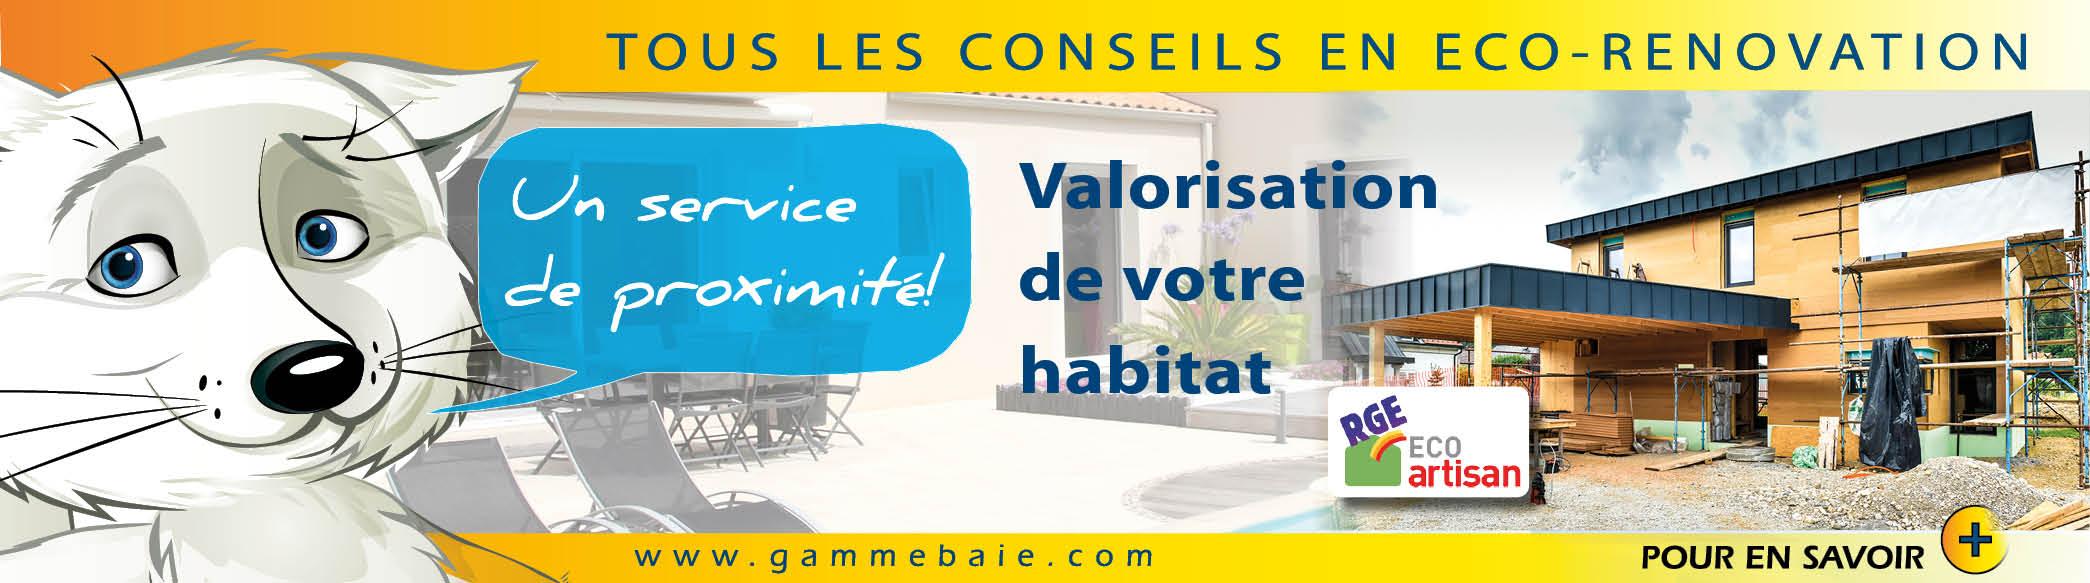 slides site gamme baie2